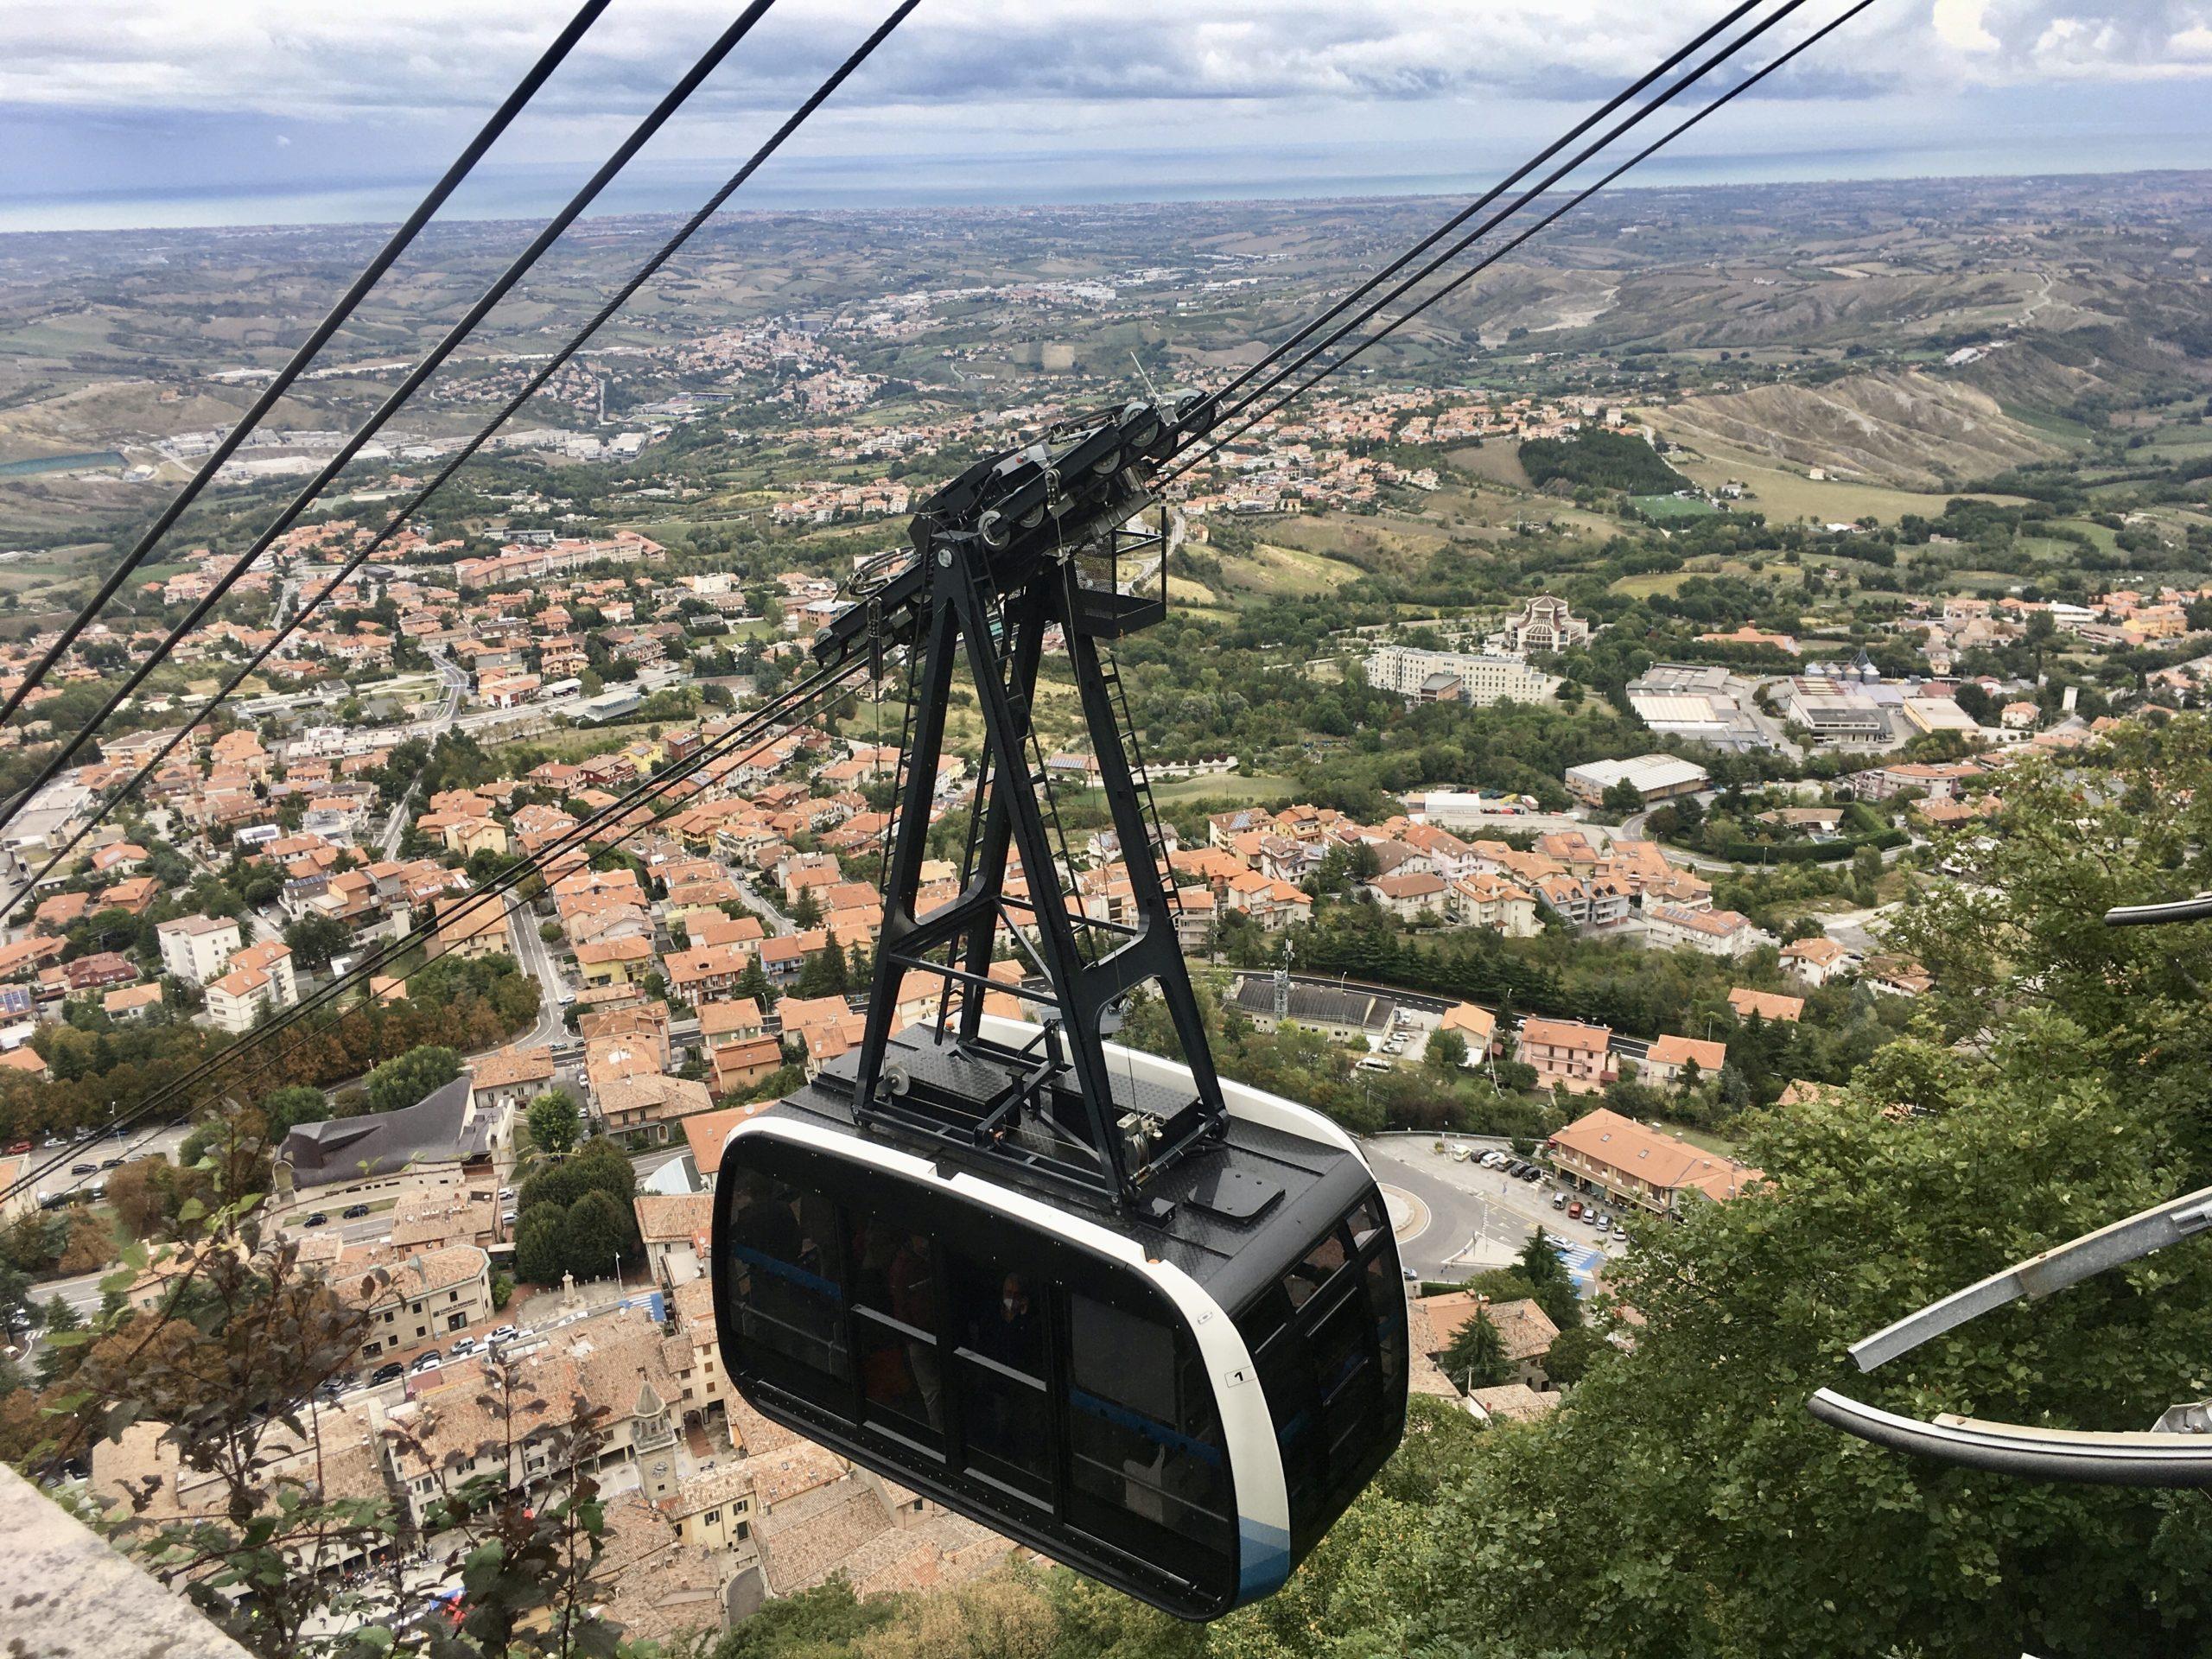 Kolejka linowa oferuje oszałamiające widoki i szybkie dotarcie do centrum stolicy San Marino